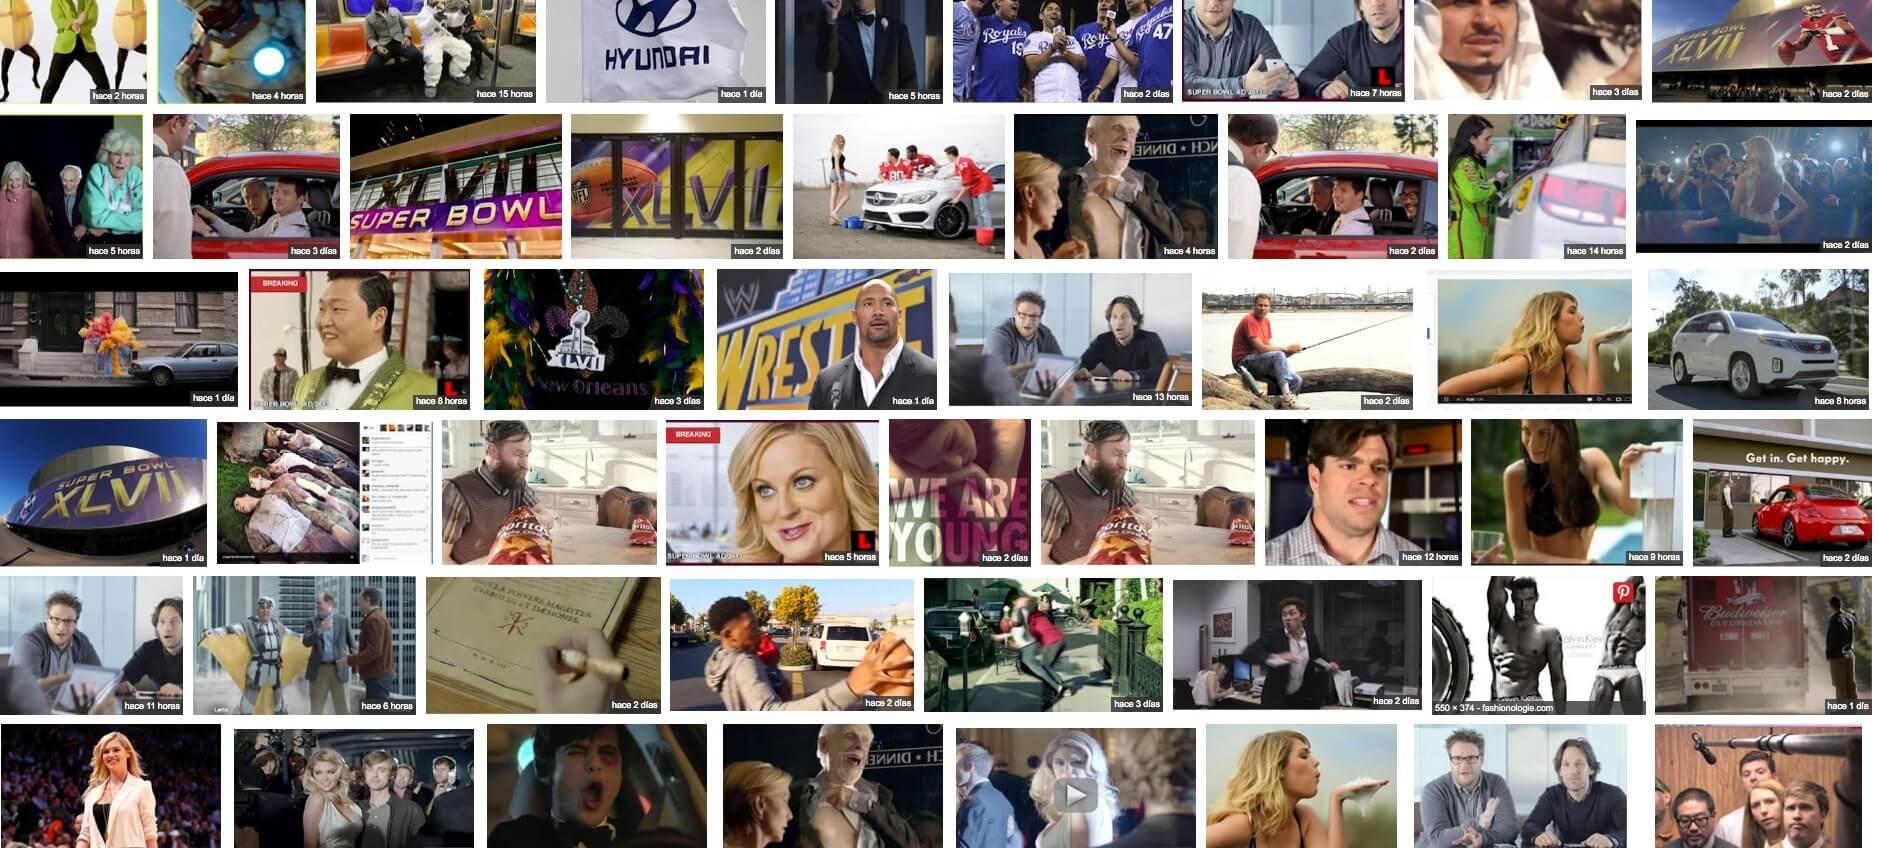 Superbowl Advertising – Todos los comerciales del 2013